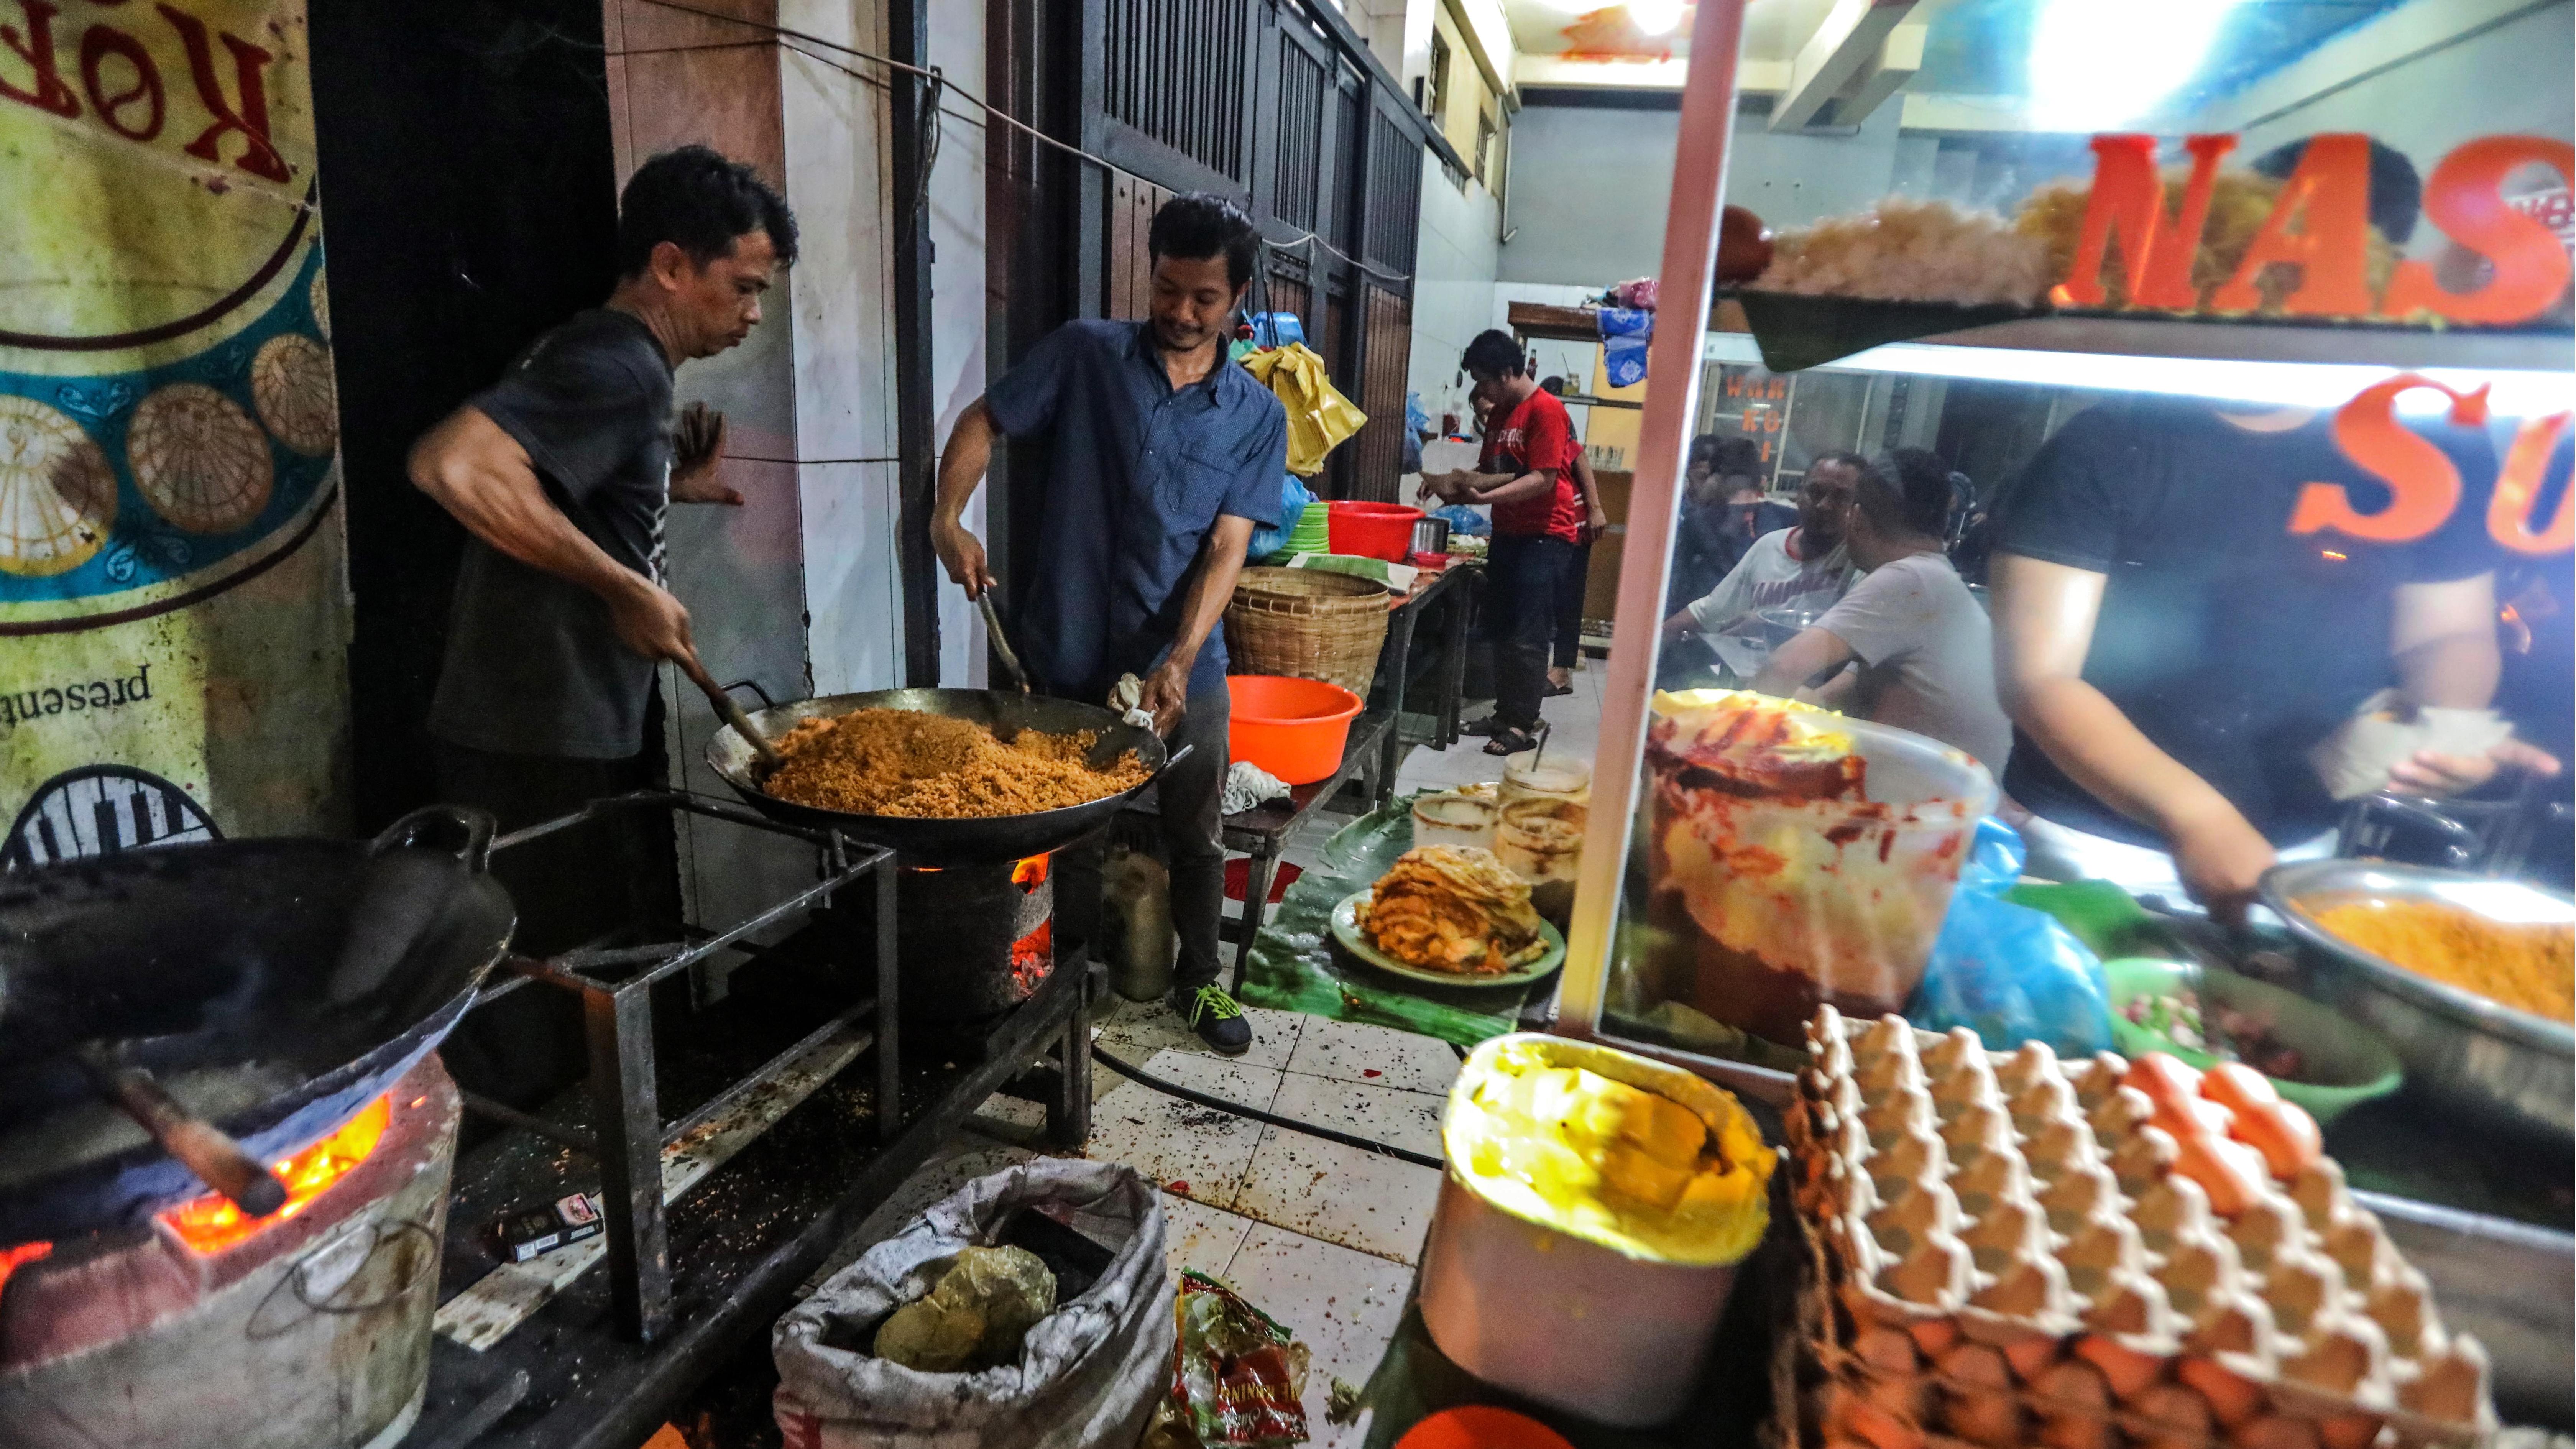 Приготвена с пресни местни продукти на място, докато гледате как се готви и с цена, която хората могат да си позволят.